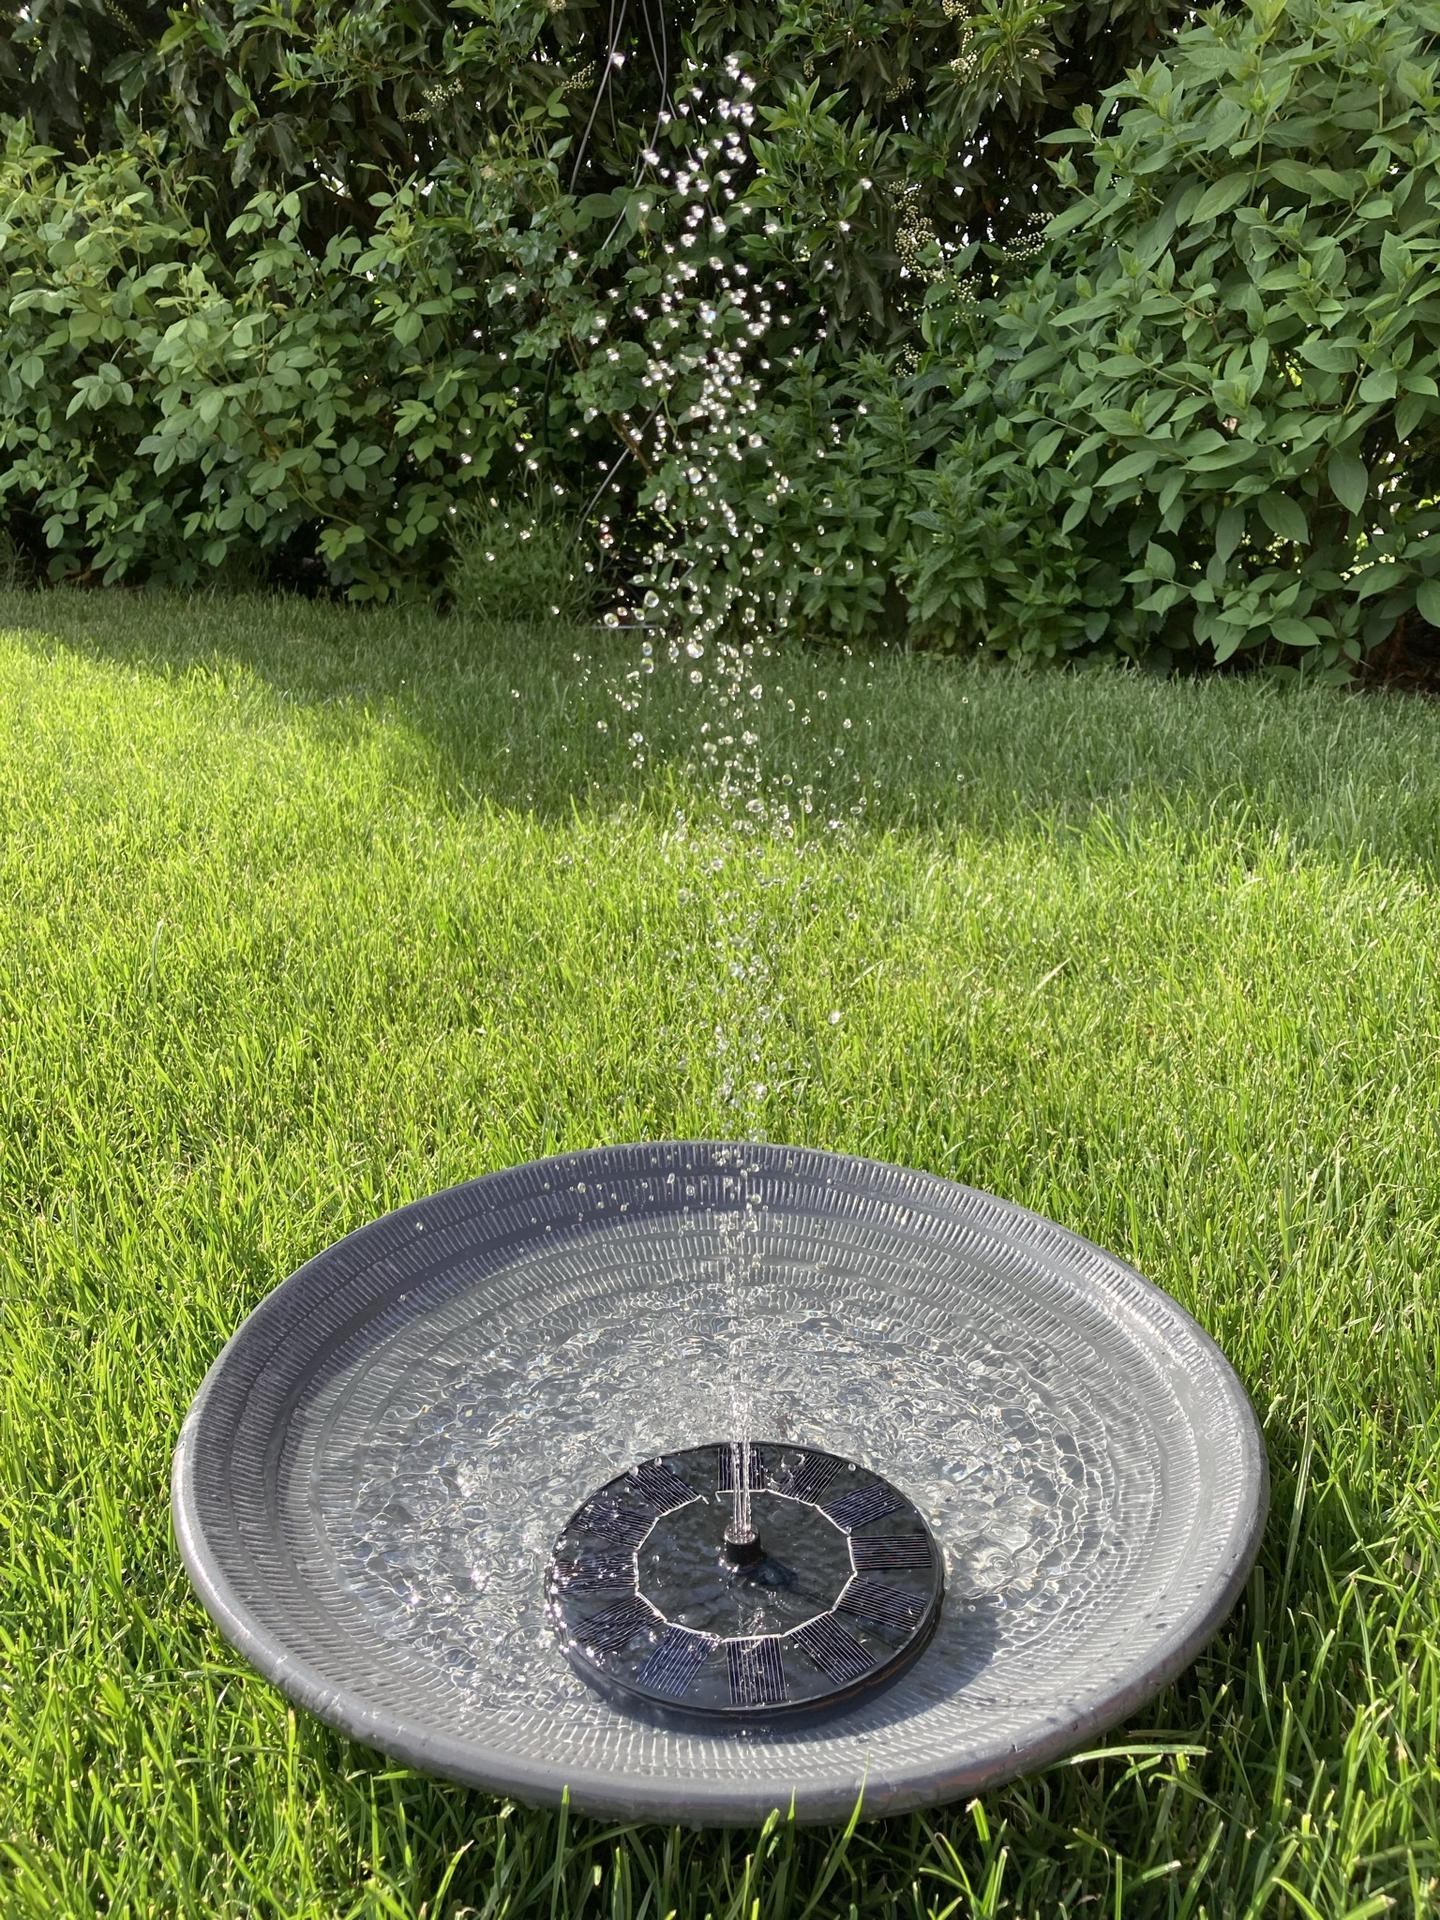 Zahrada 2021 - nova solarni fontanka, pitko pro kocky, jezky a ptaky... jen ptrebuje vetsi misku, 40 cm je malo...